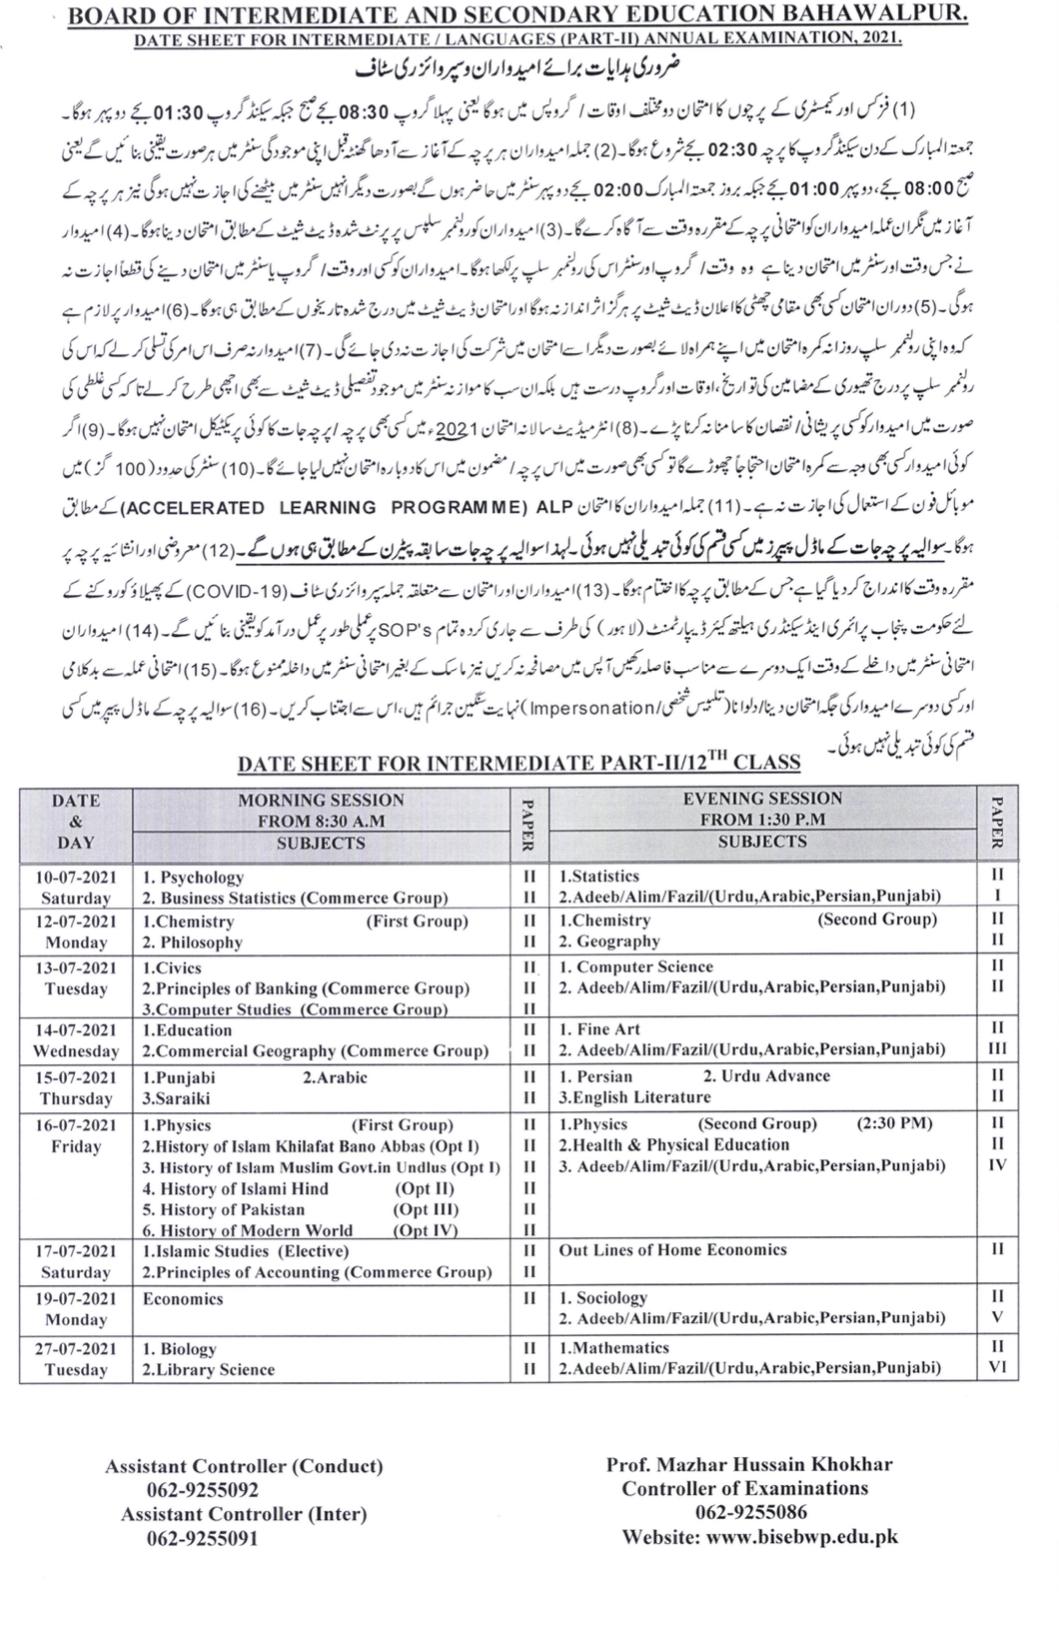 Date Sheet Inter Part 2 BISE Bahawalpur 2021 Annual Exam